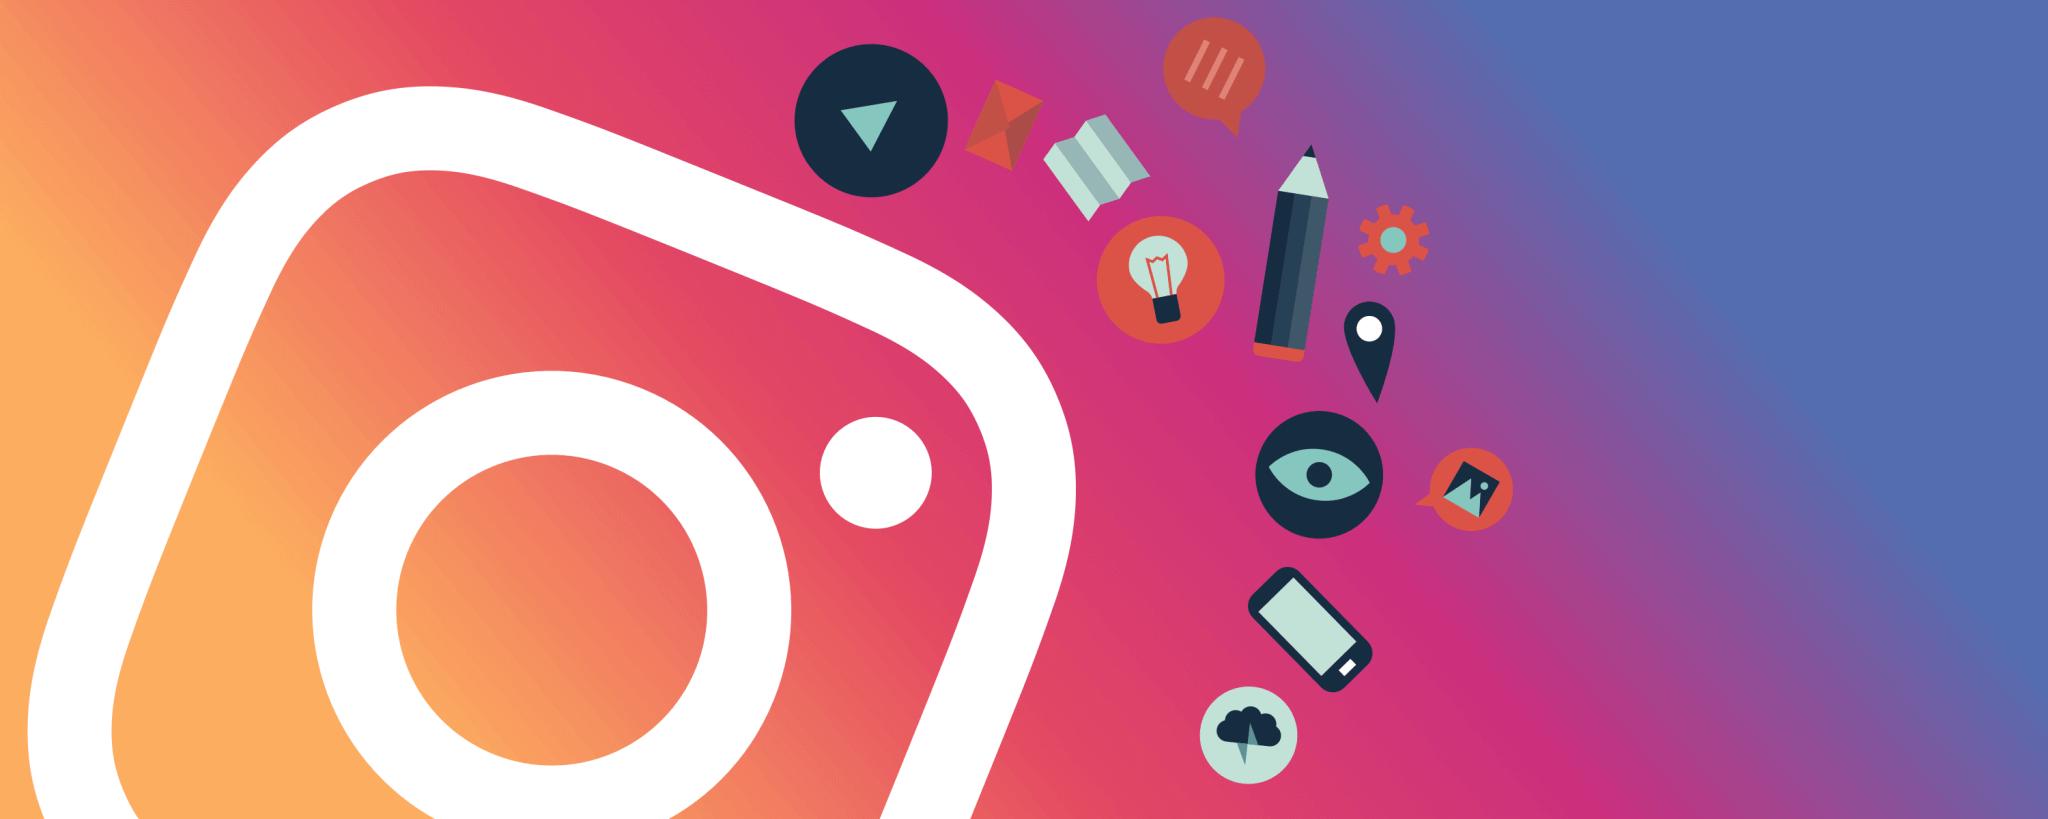 instagram - Instagram Stories: novo adesivo de Perguntas e Respostas pode ser lançado em breve